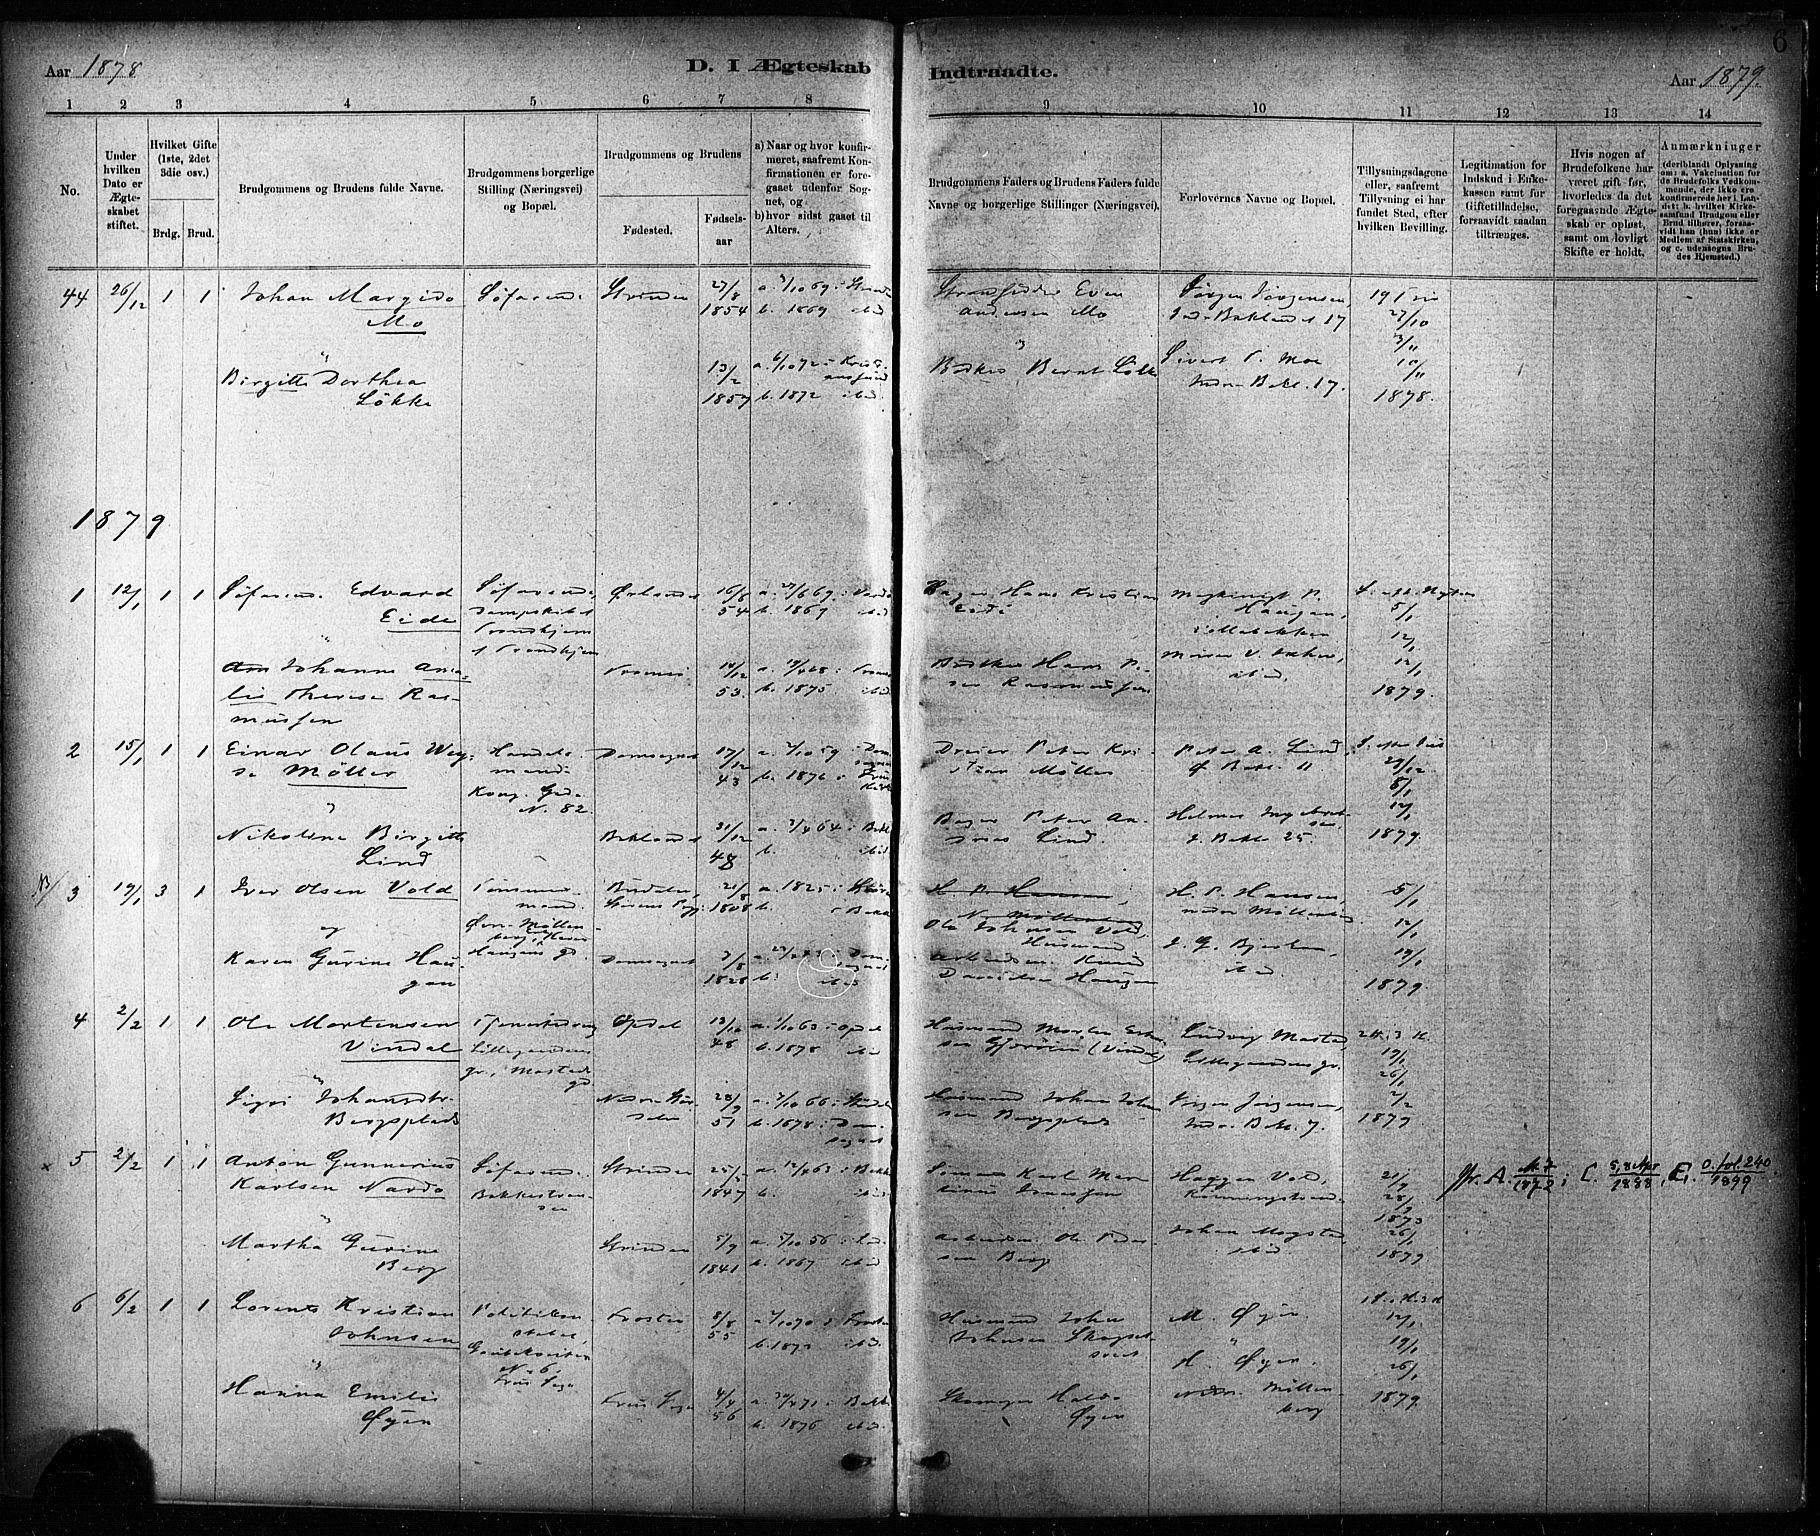 SAT, Ministerialprotokoller, klokkerbøker og fødselsregistre - Sør-Trøndelag, 604/L0189: Ministerialbok nr. 604A10, 1878-1892, s. 6